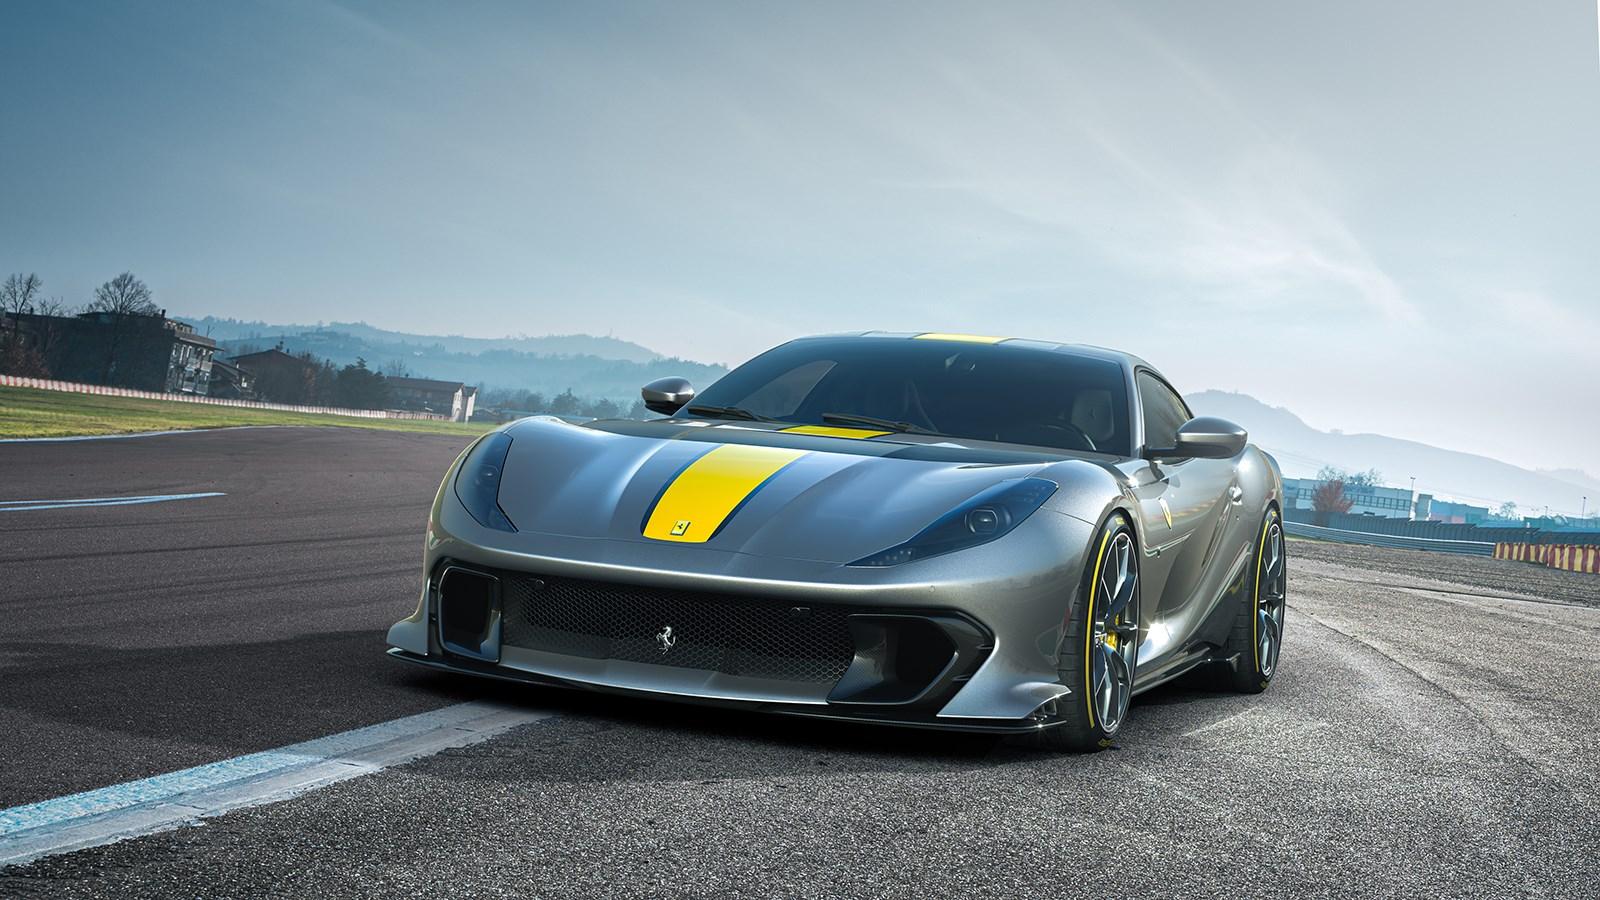 フェラーリが812スーパーファストの限定車を公開。外観もエンジンも大幅変更でレースマシン風に